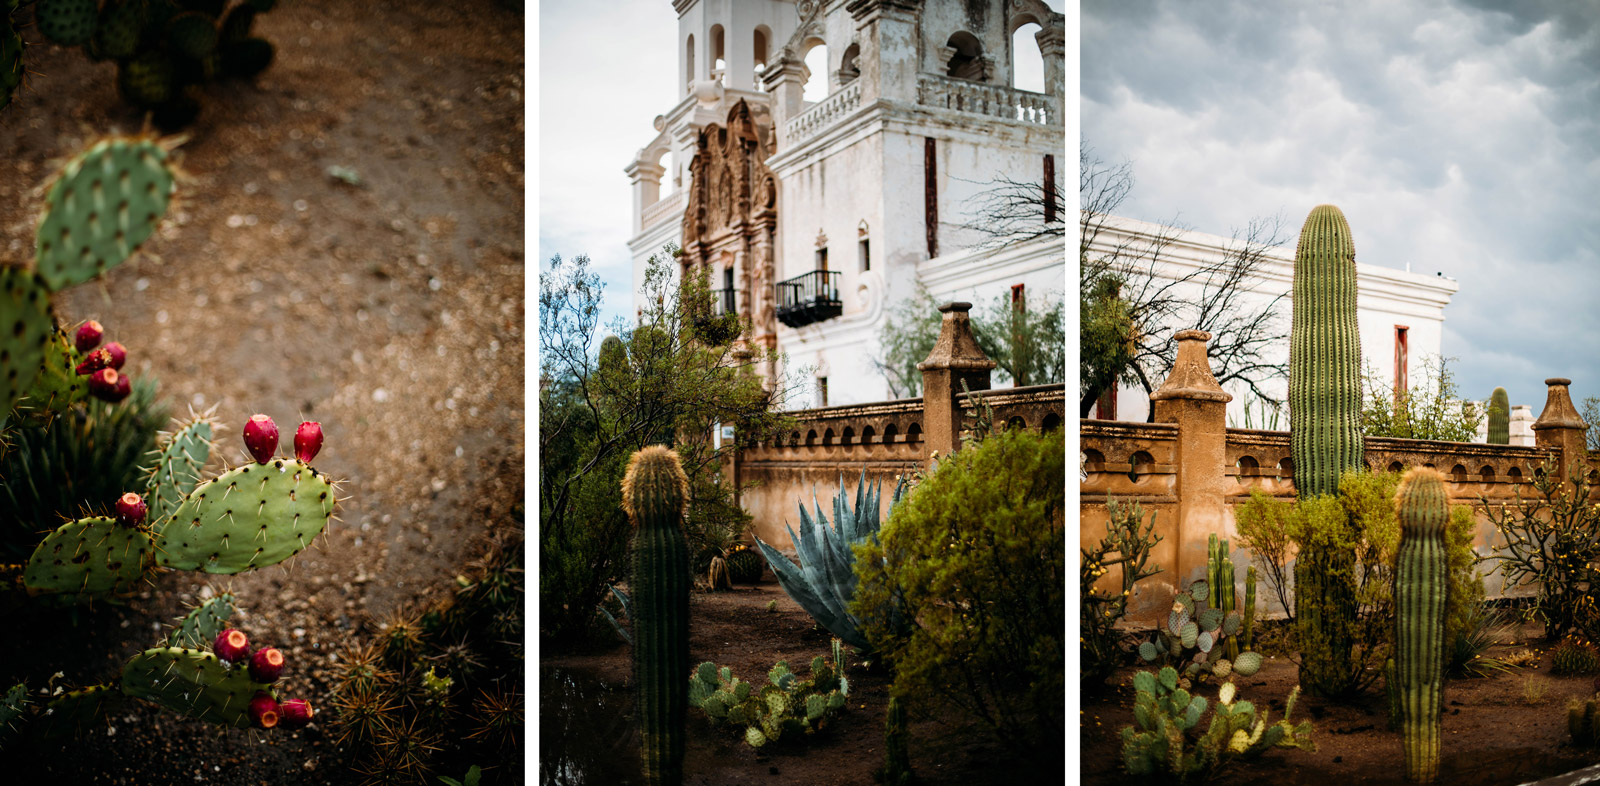 visiter Tucson l'héritage mexicain